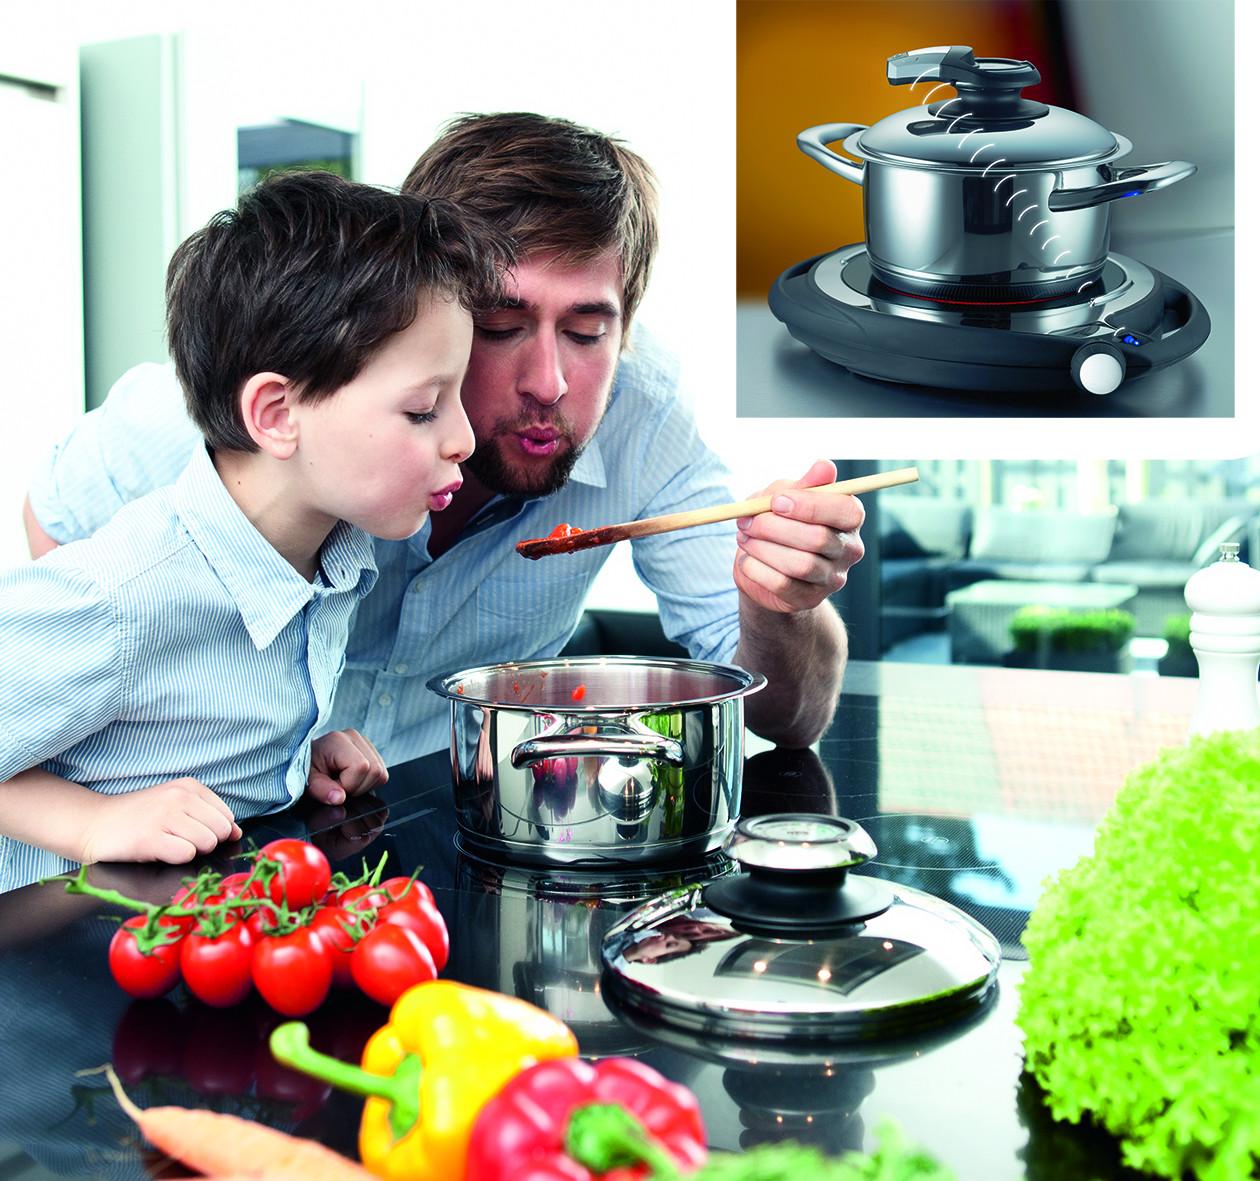 freizeit backen und kochen alles unter einem deckel pressemitteilung amc deutschland amc. Black Bedroom Furniture Sets. Home Design Ideas